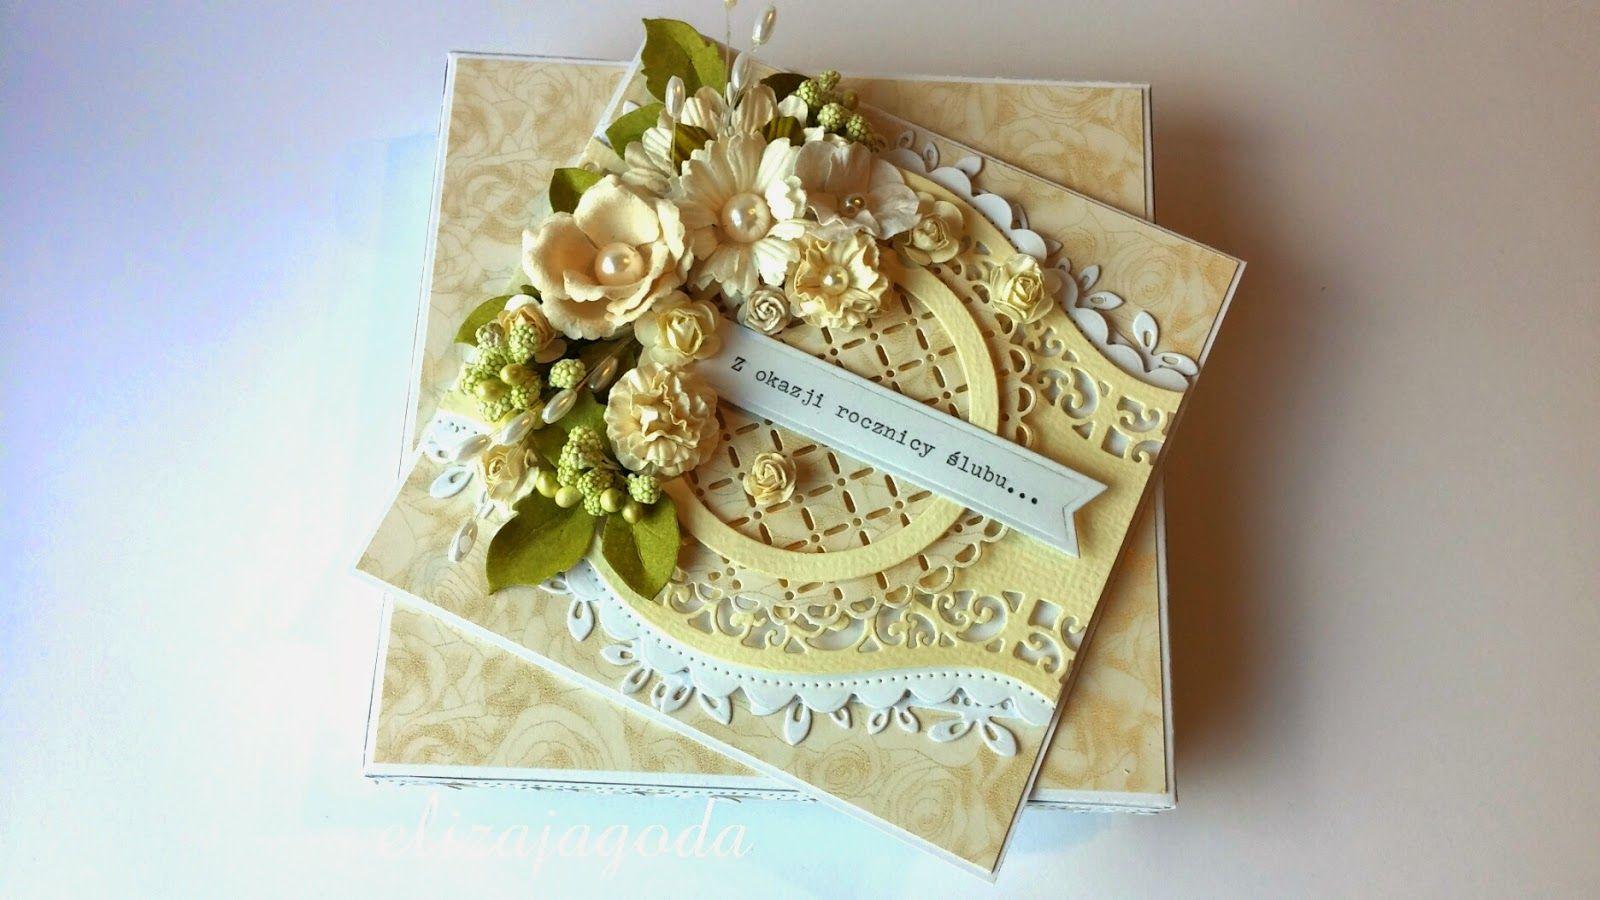 Z Okazji Rocznicy Slubu Flower Cards Gifts Crafts